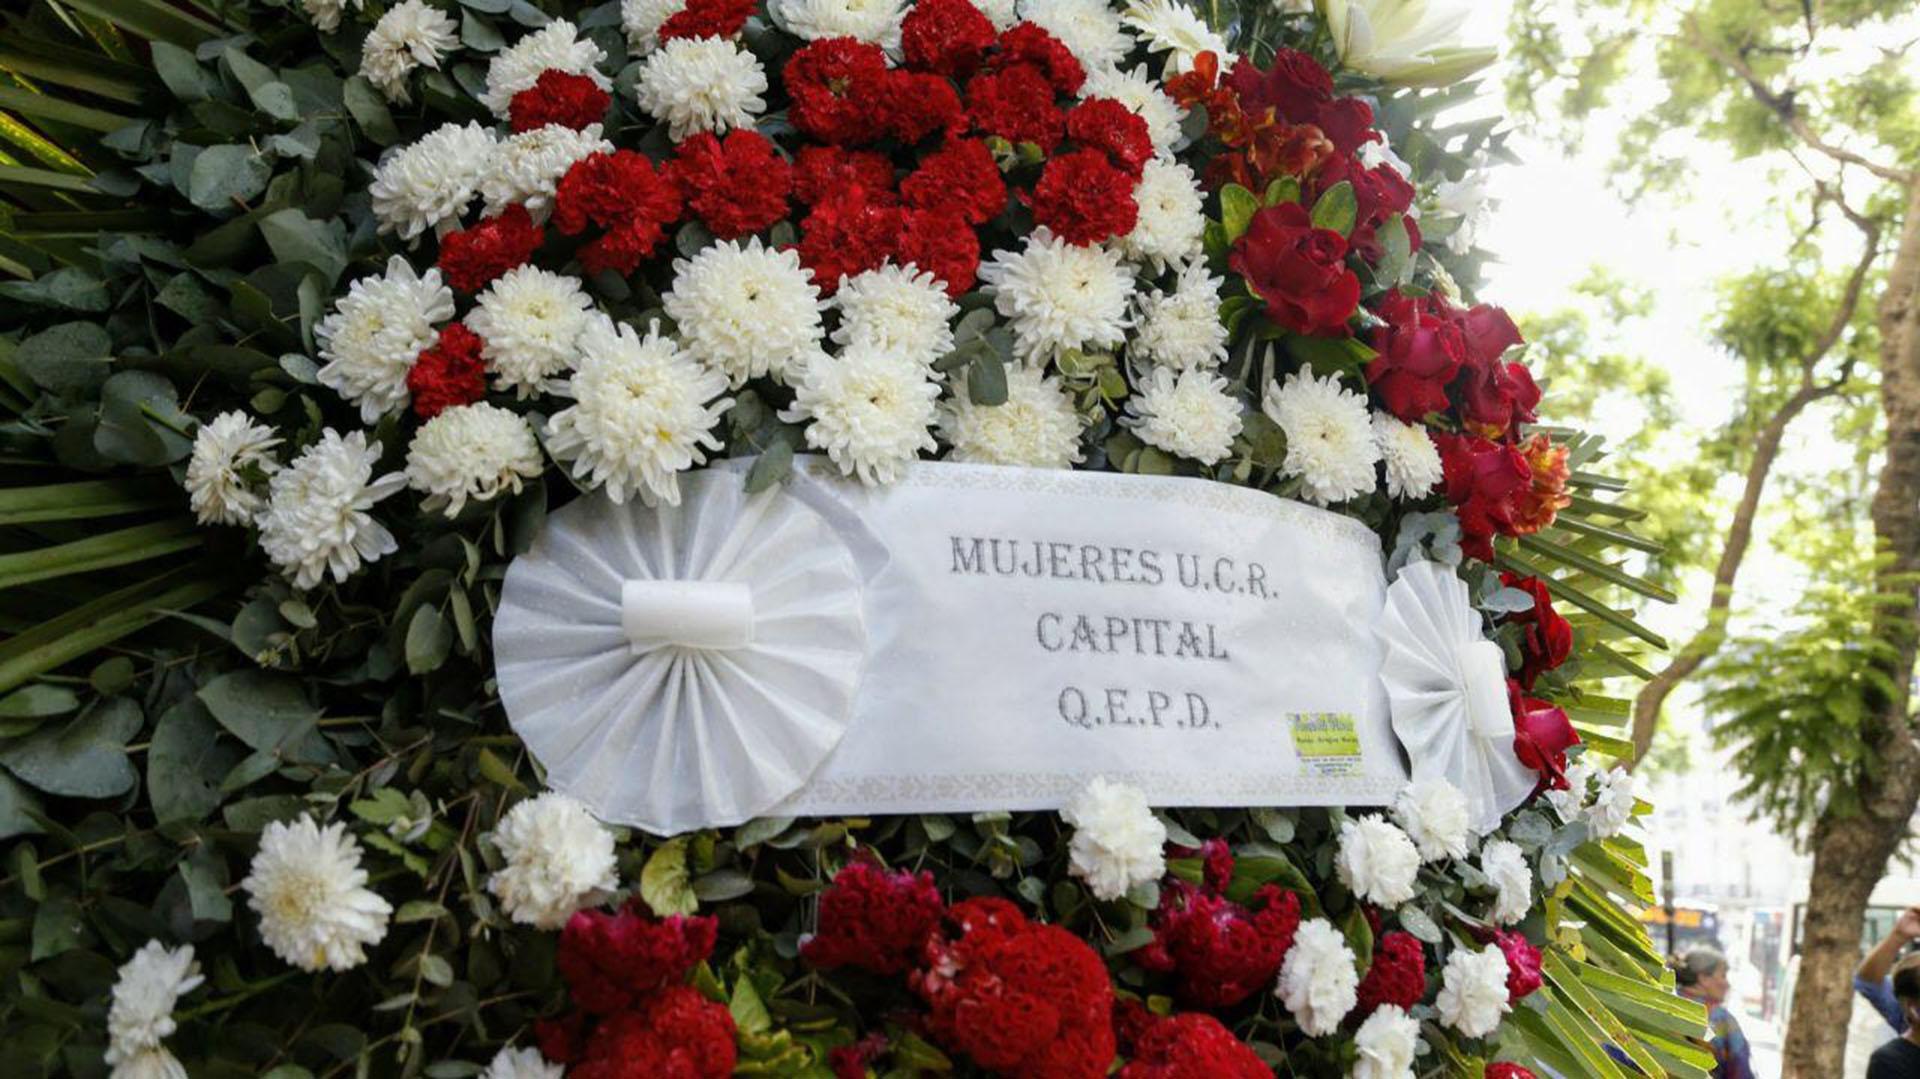 Las mujeres de la Unión Cívica Radical enviaron su homenaje